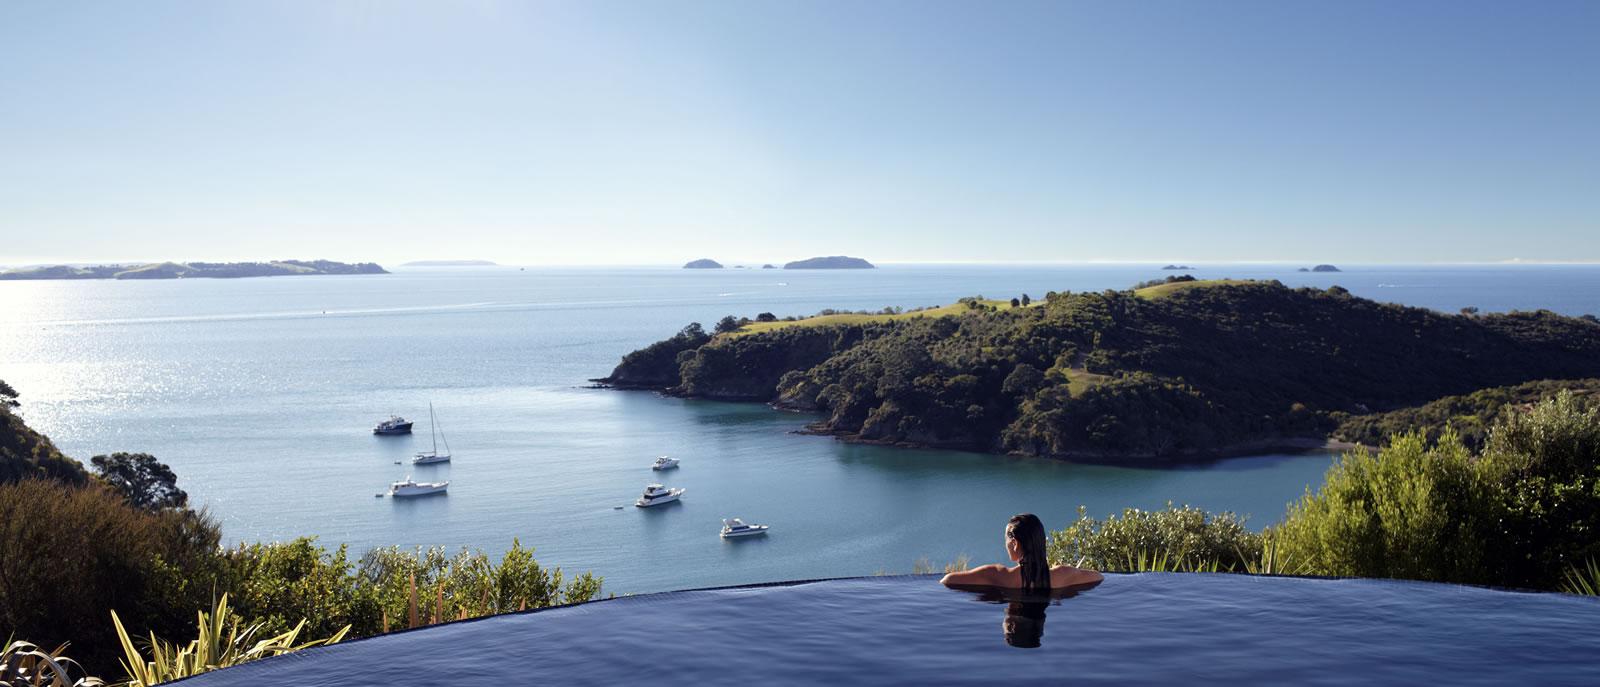 Foto della piscina del resort Delamore Lodge in Nuova Zelanda